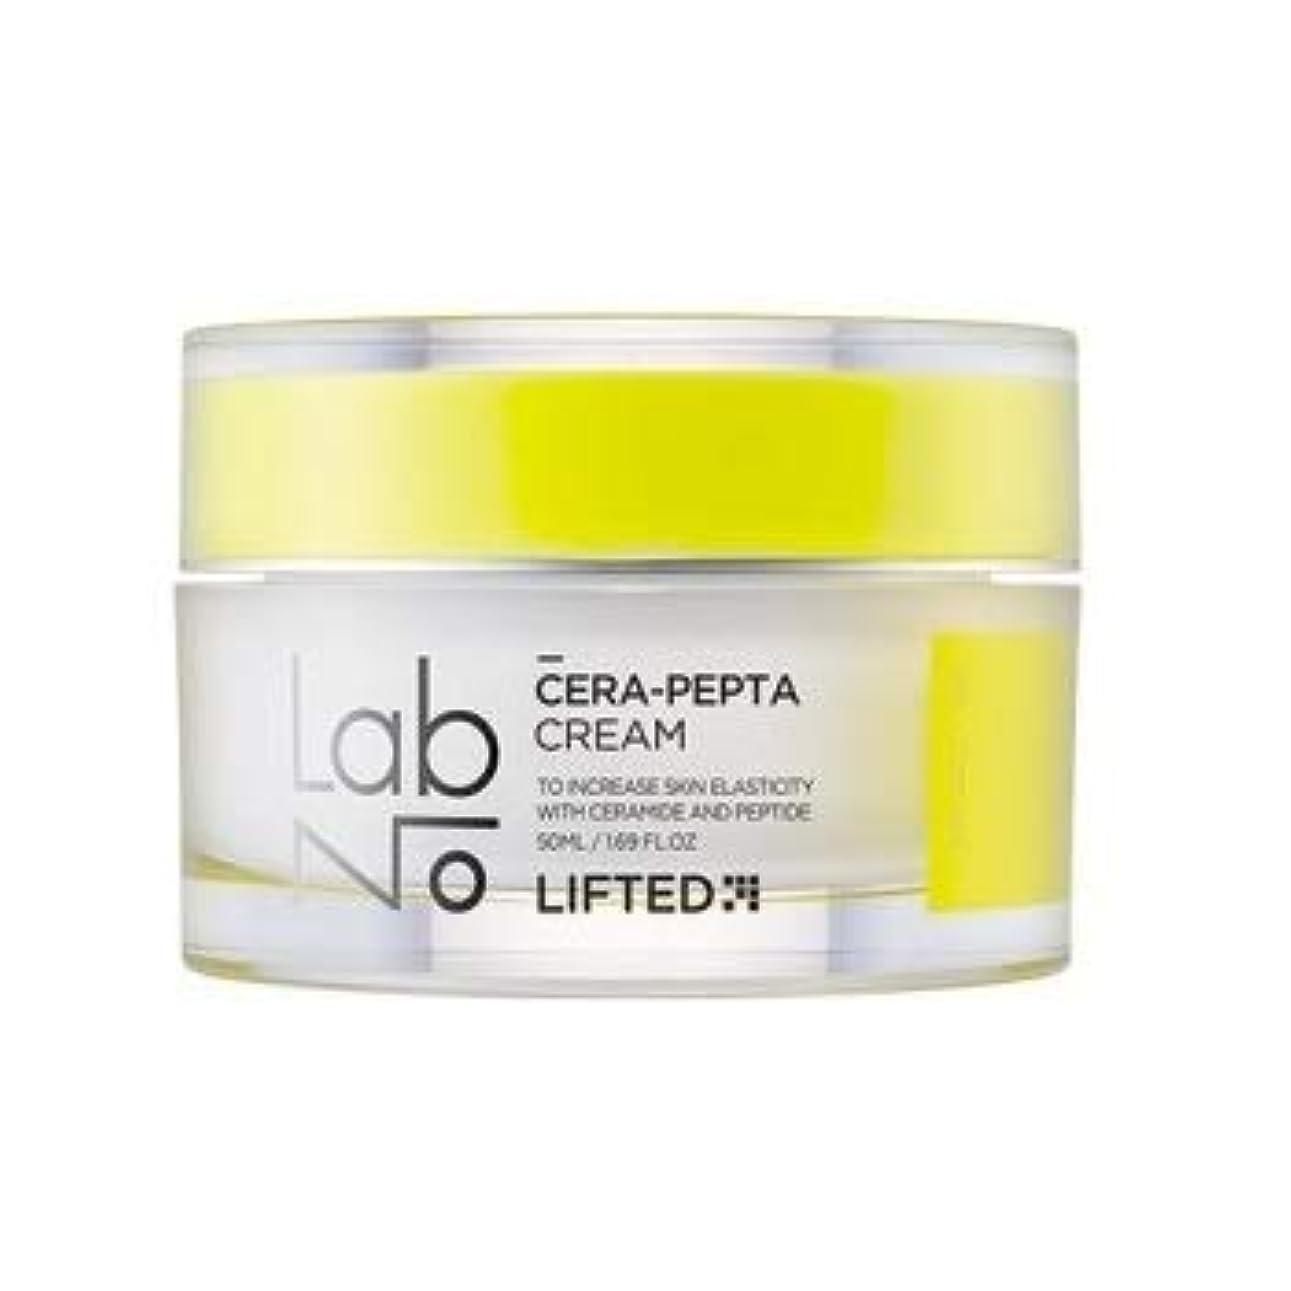 ボタン船員れんがLabNo リフテッド セラ-ペプタ クリーム / Lifted Sera-Pepta Cream (50ml) [並行輸入品]